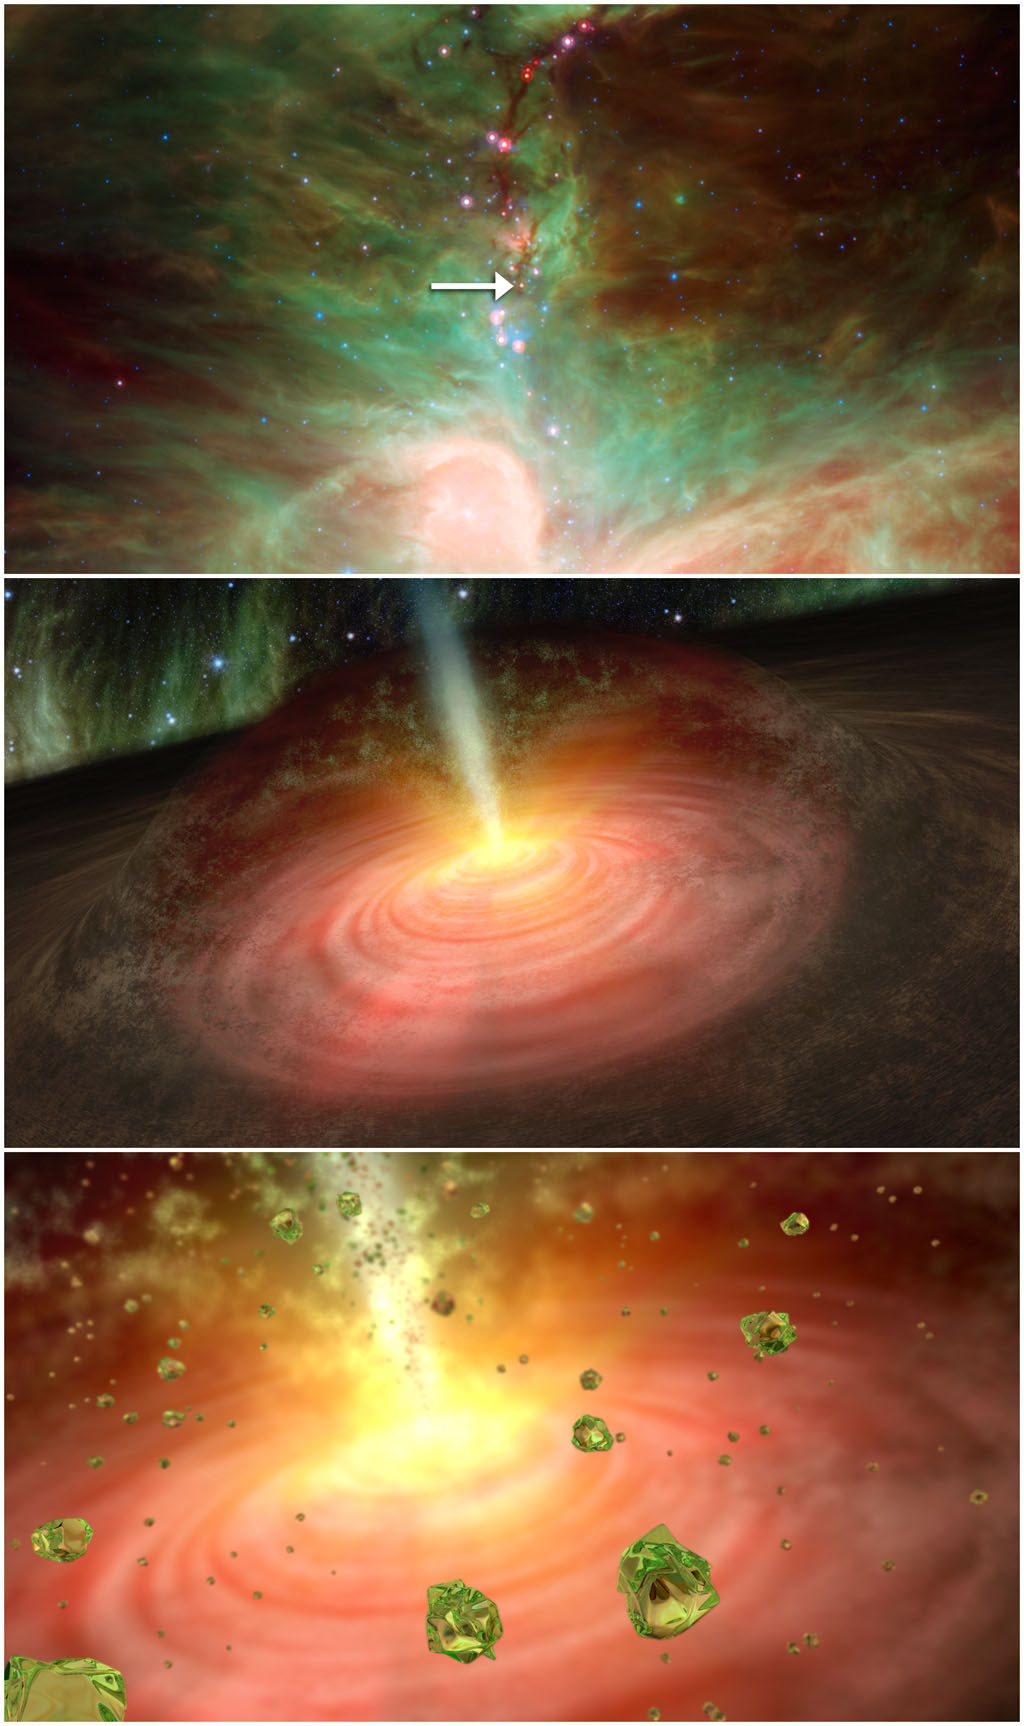 Birthstones & Gemstones: Peridots in Space